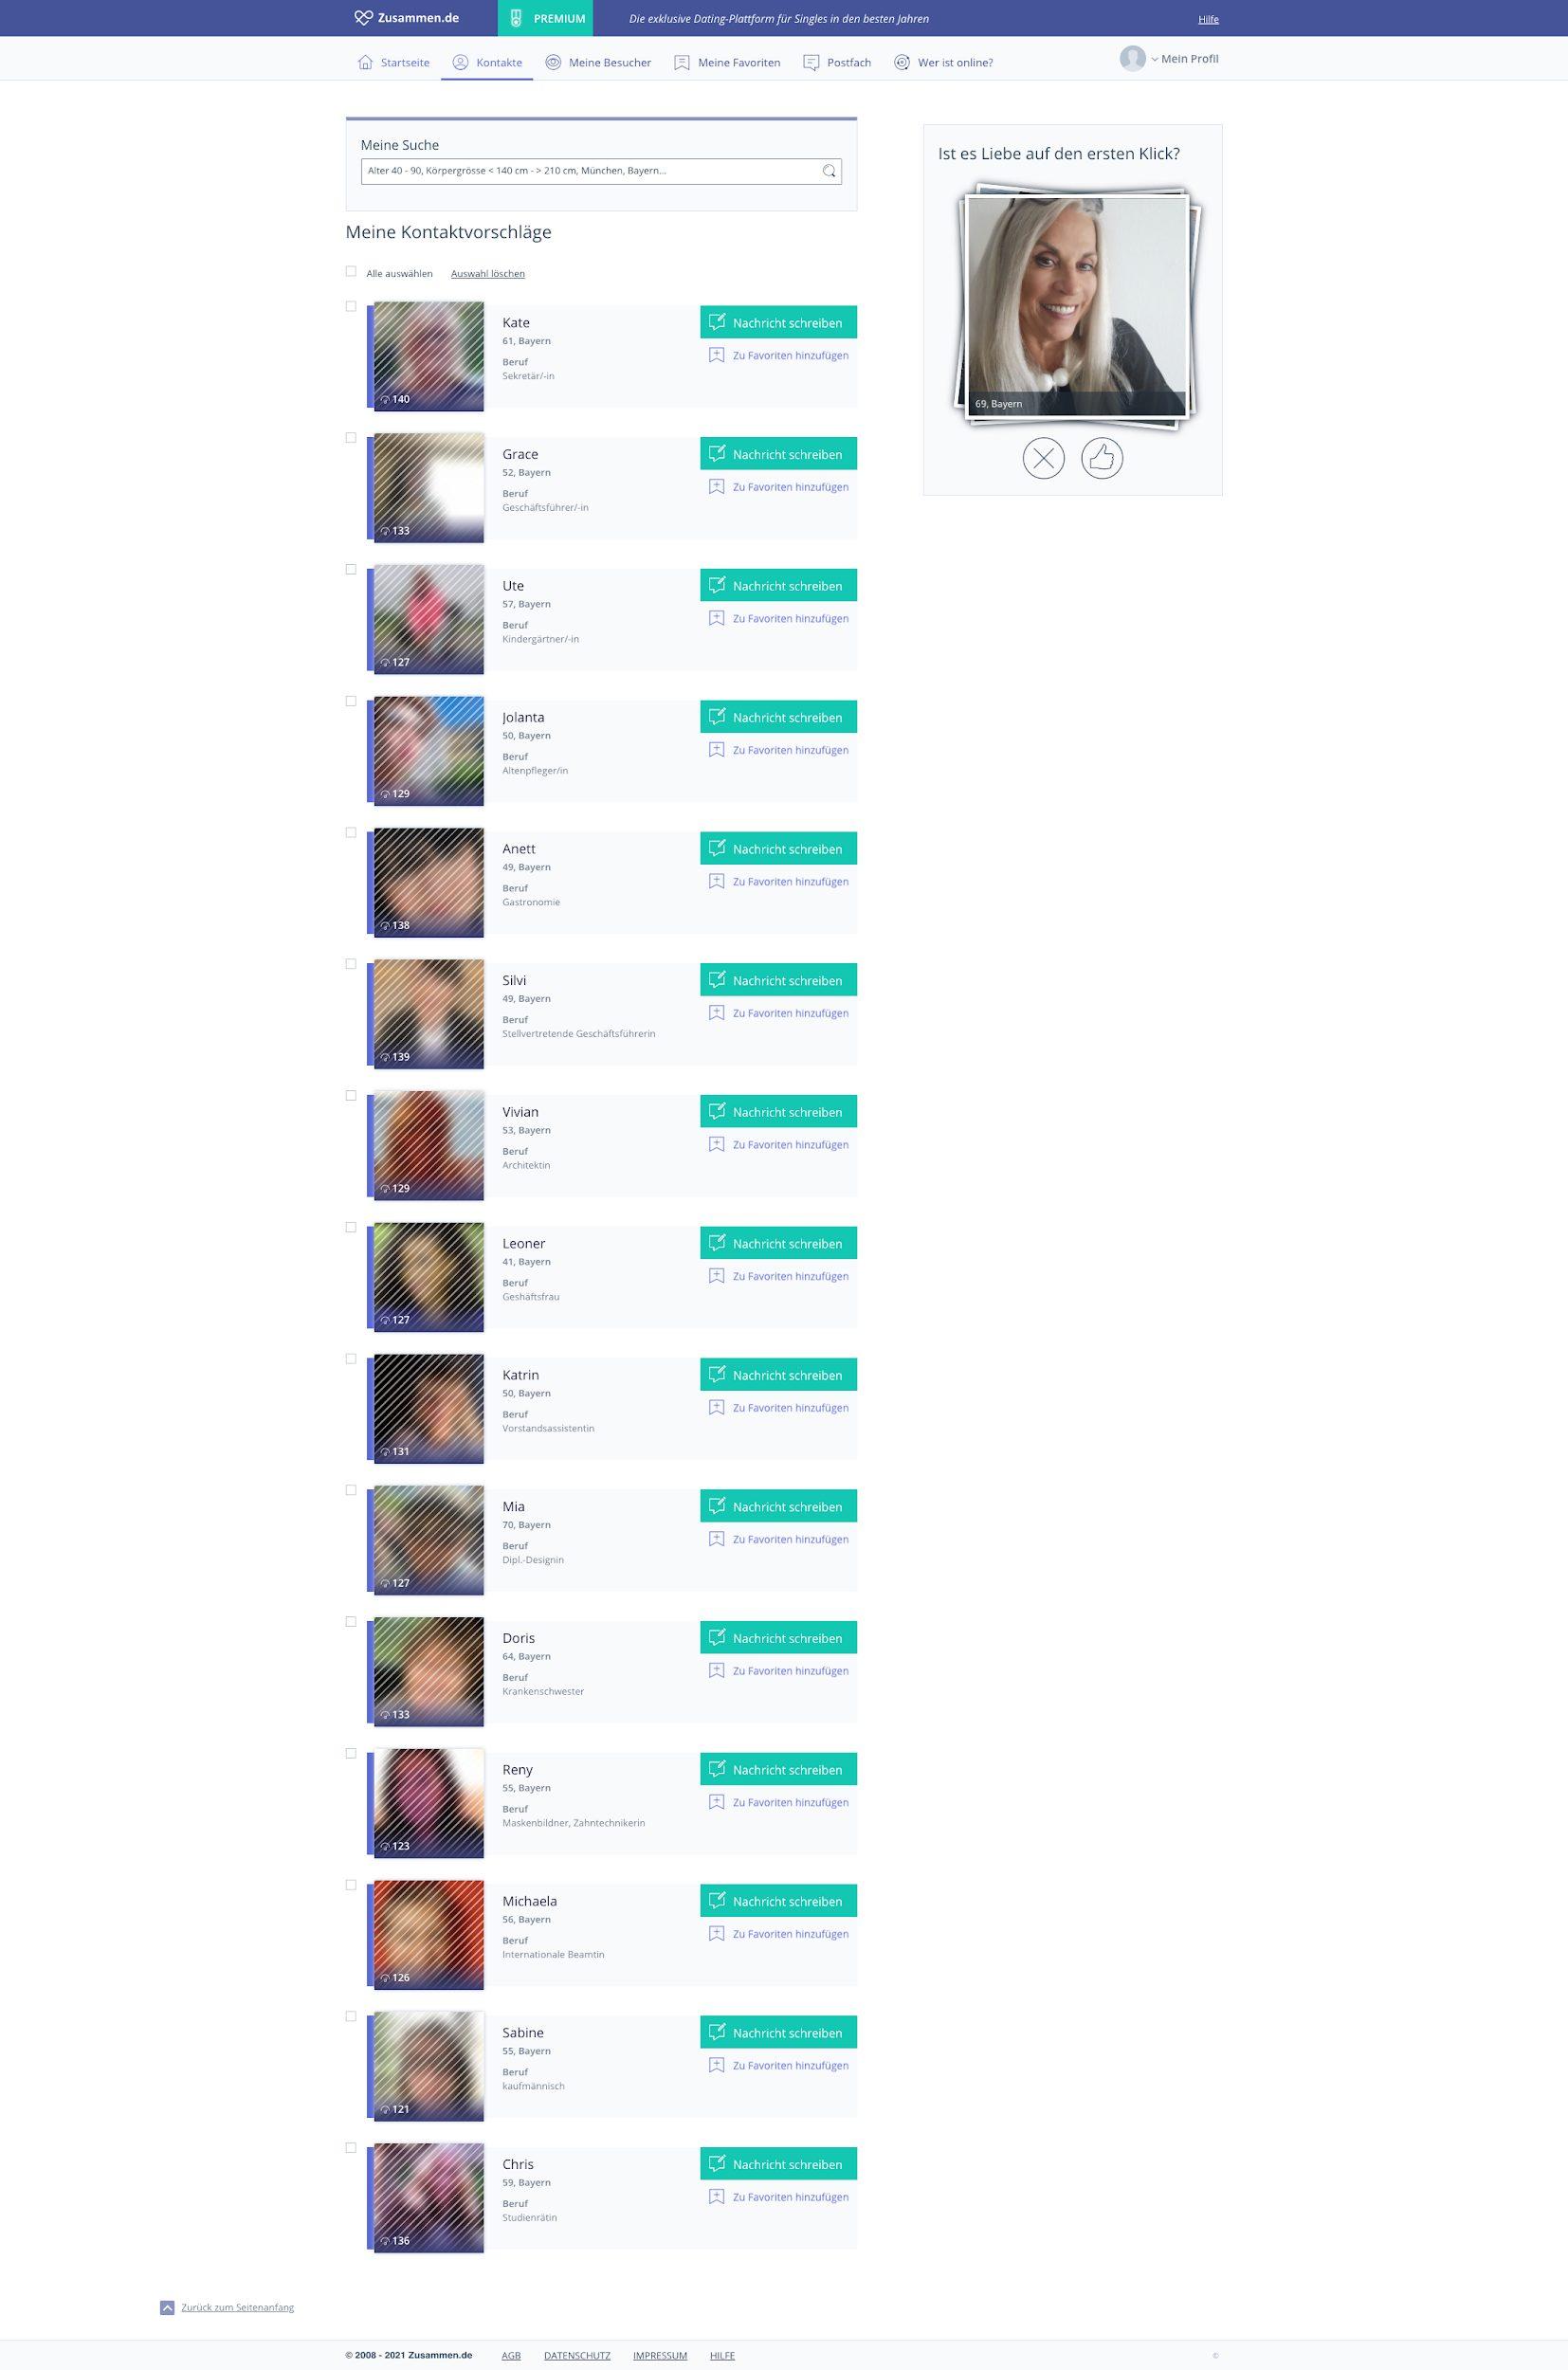 Viele echte Profile auf der Suche nach ernsthaften Kontakten